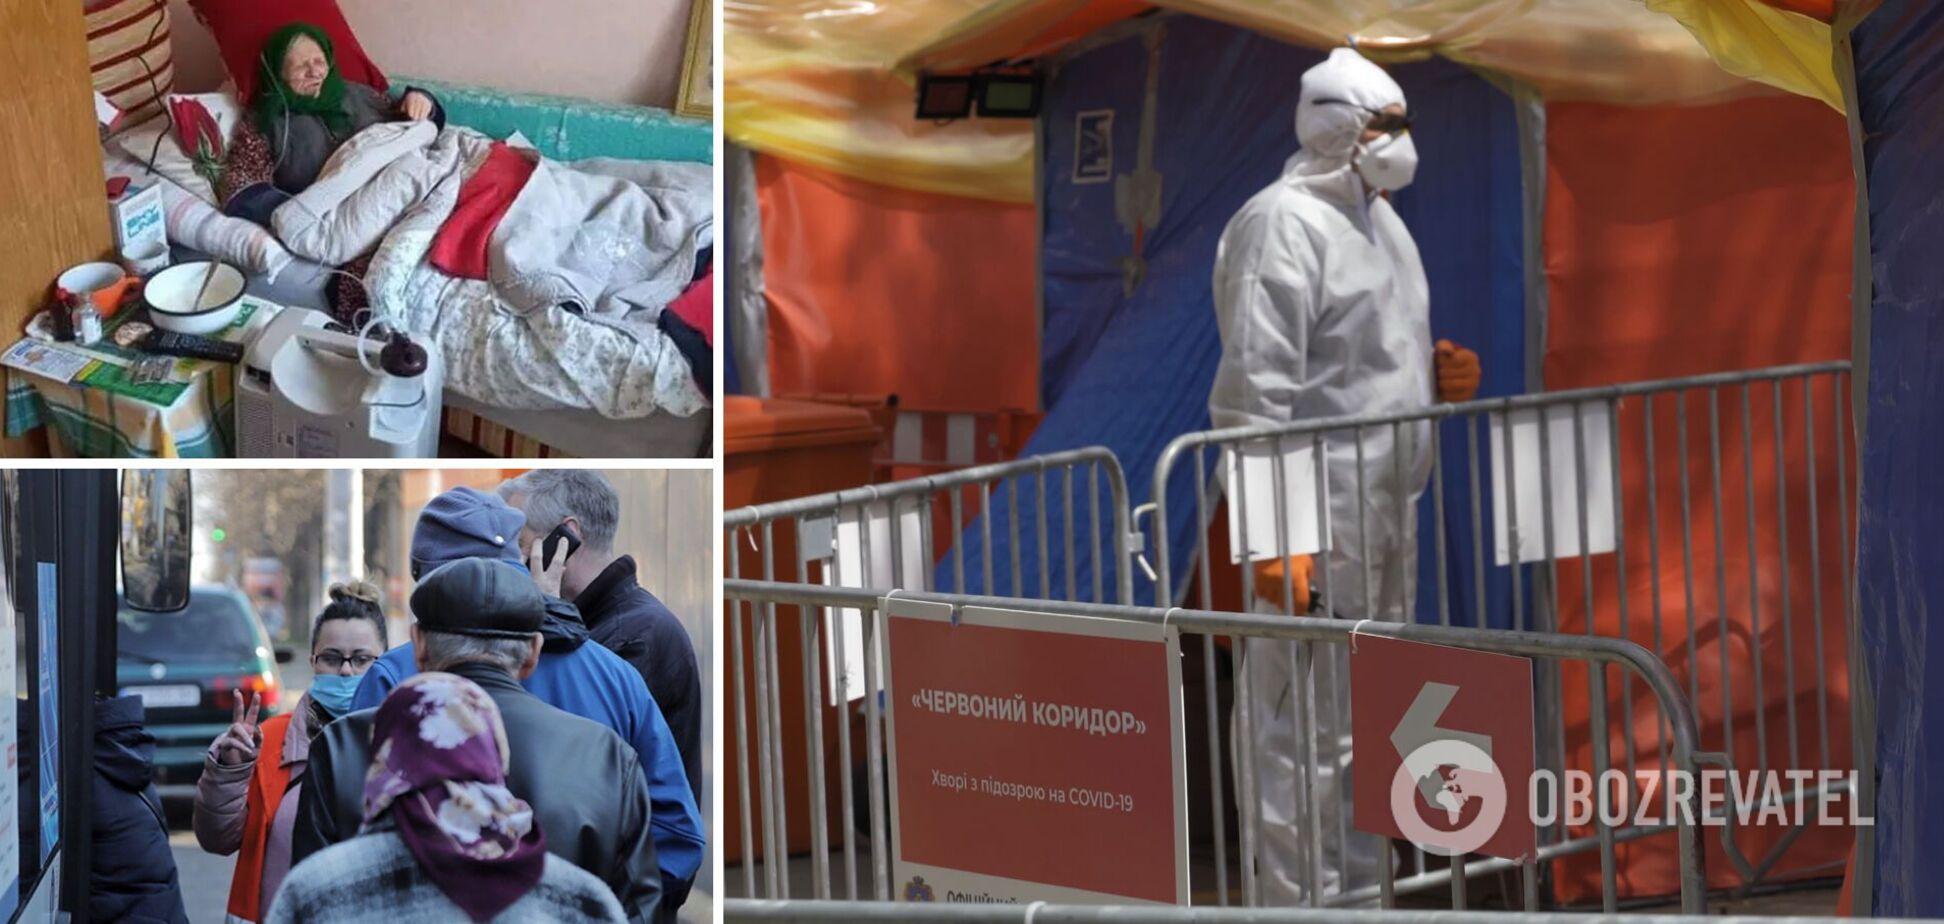 Помирають вдома, але 'забили' на карантин: COVID-19 вдарив із новою силою по Одеській області